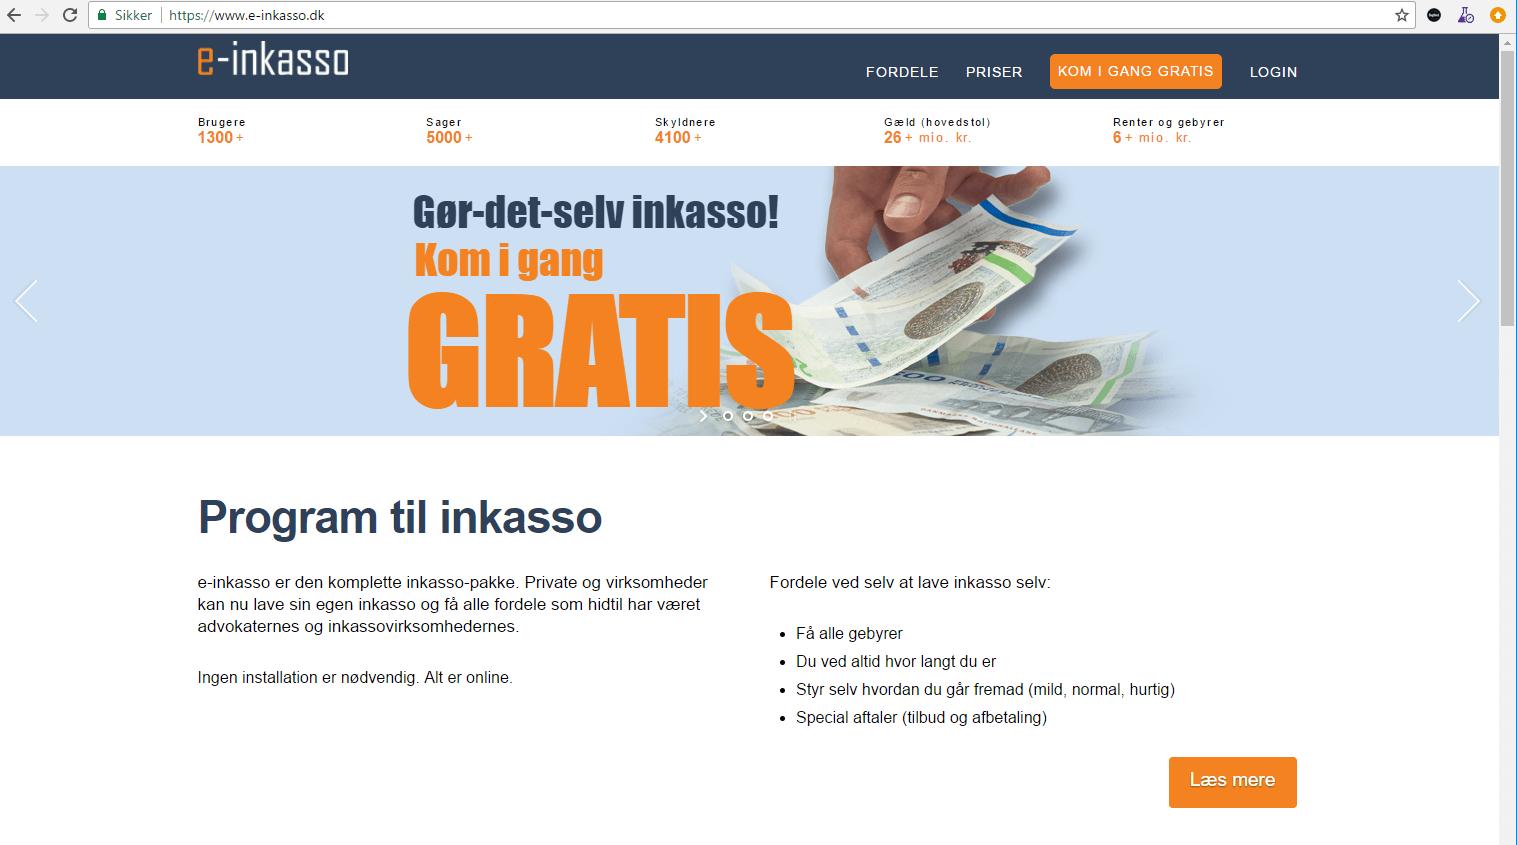 Opret en gratis bruger på e-inkasso.dk